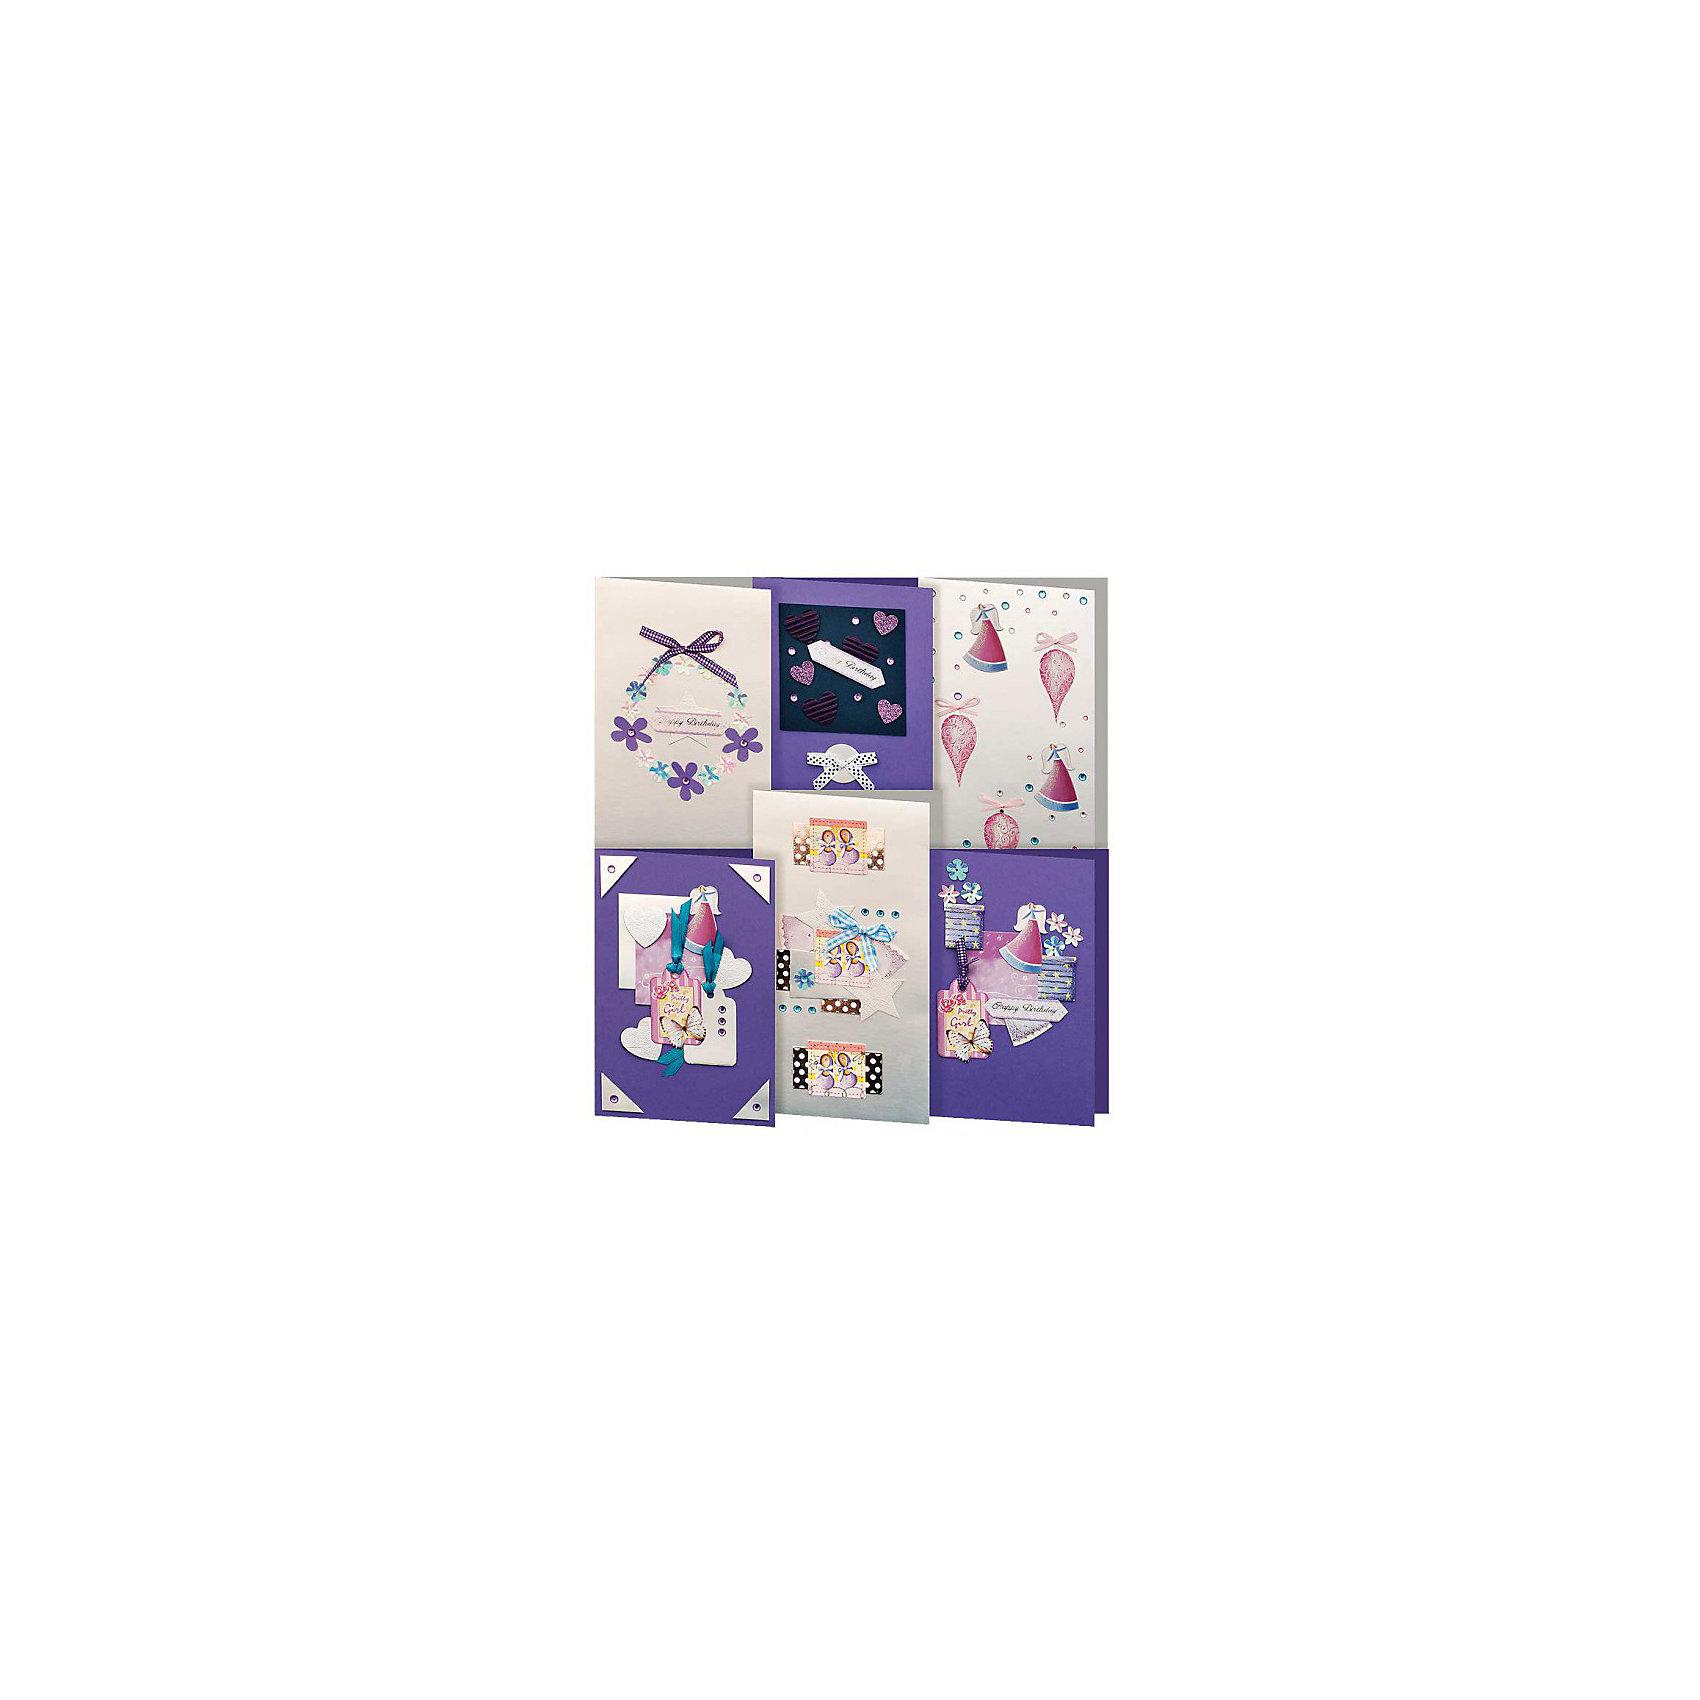 Скрапбукинг-набор для создания 6-ти открыток ПровансРукоделие<br>Наборы для скрапбукинга<br><br>Ширина мм: 270<br>Глубина мм: 150<br>Высота мм: 60<br>Вес г: 292<br>Возраст от месяцев: 72<br>Возраст до месяцев: 144<br>Пол: Унисекс<br>Возраст: Детский<br>SKU: 5089624